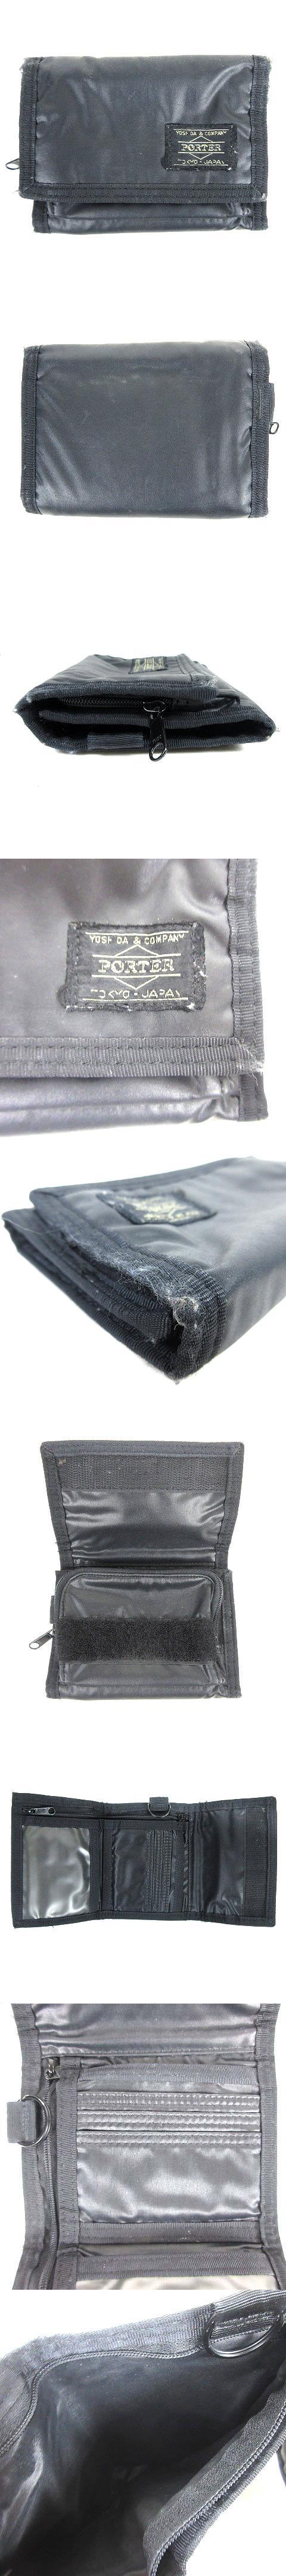 財布 三つ折り ウォレット ナイロン 黒 ブラック